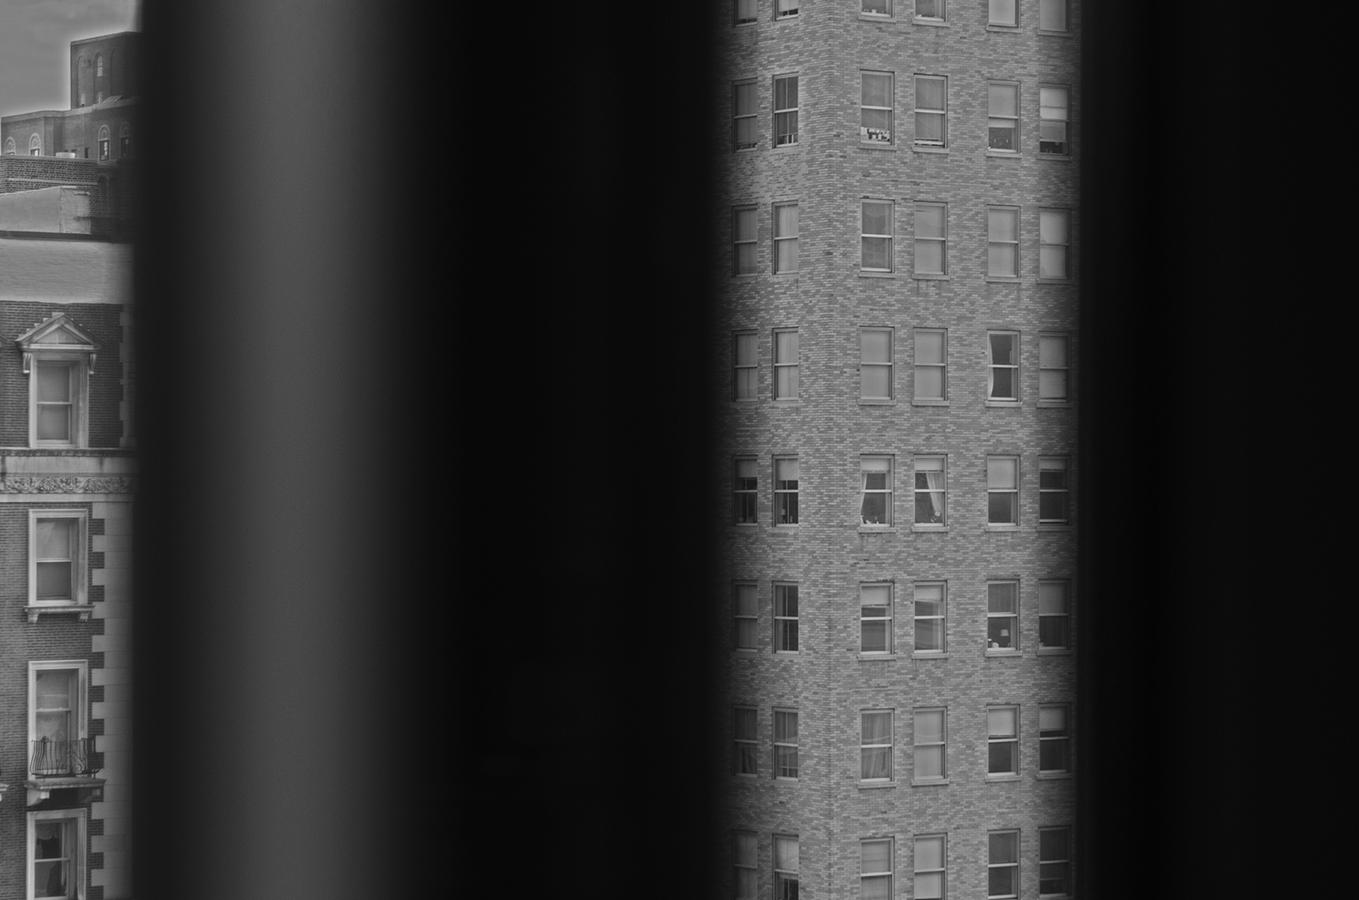 Karuna Krishna, Tony Ward Studio, Photography, abstract photography, black & white photography